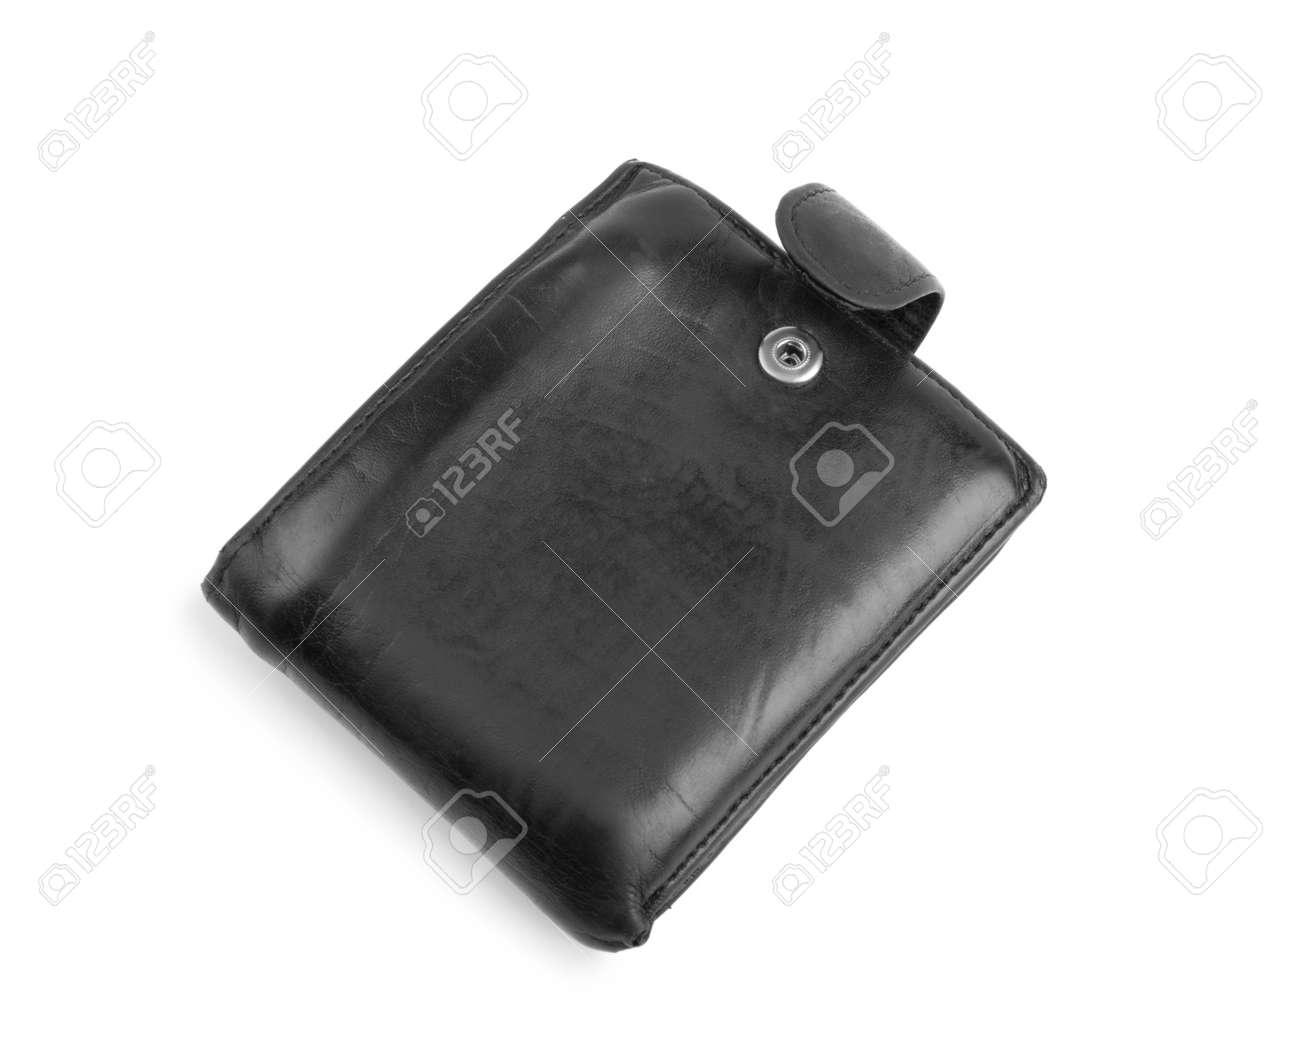 801153dcc893 Banque d images - Portefeuille noir en cuir fermé pour homme